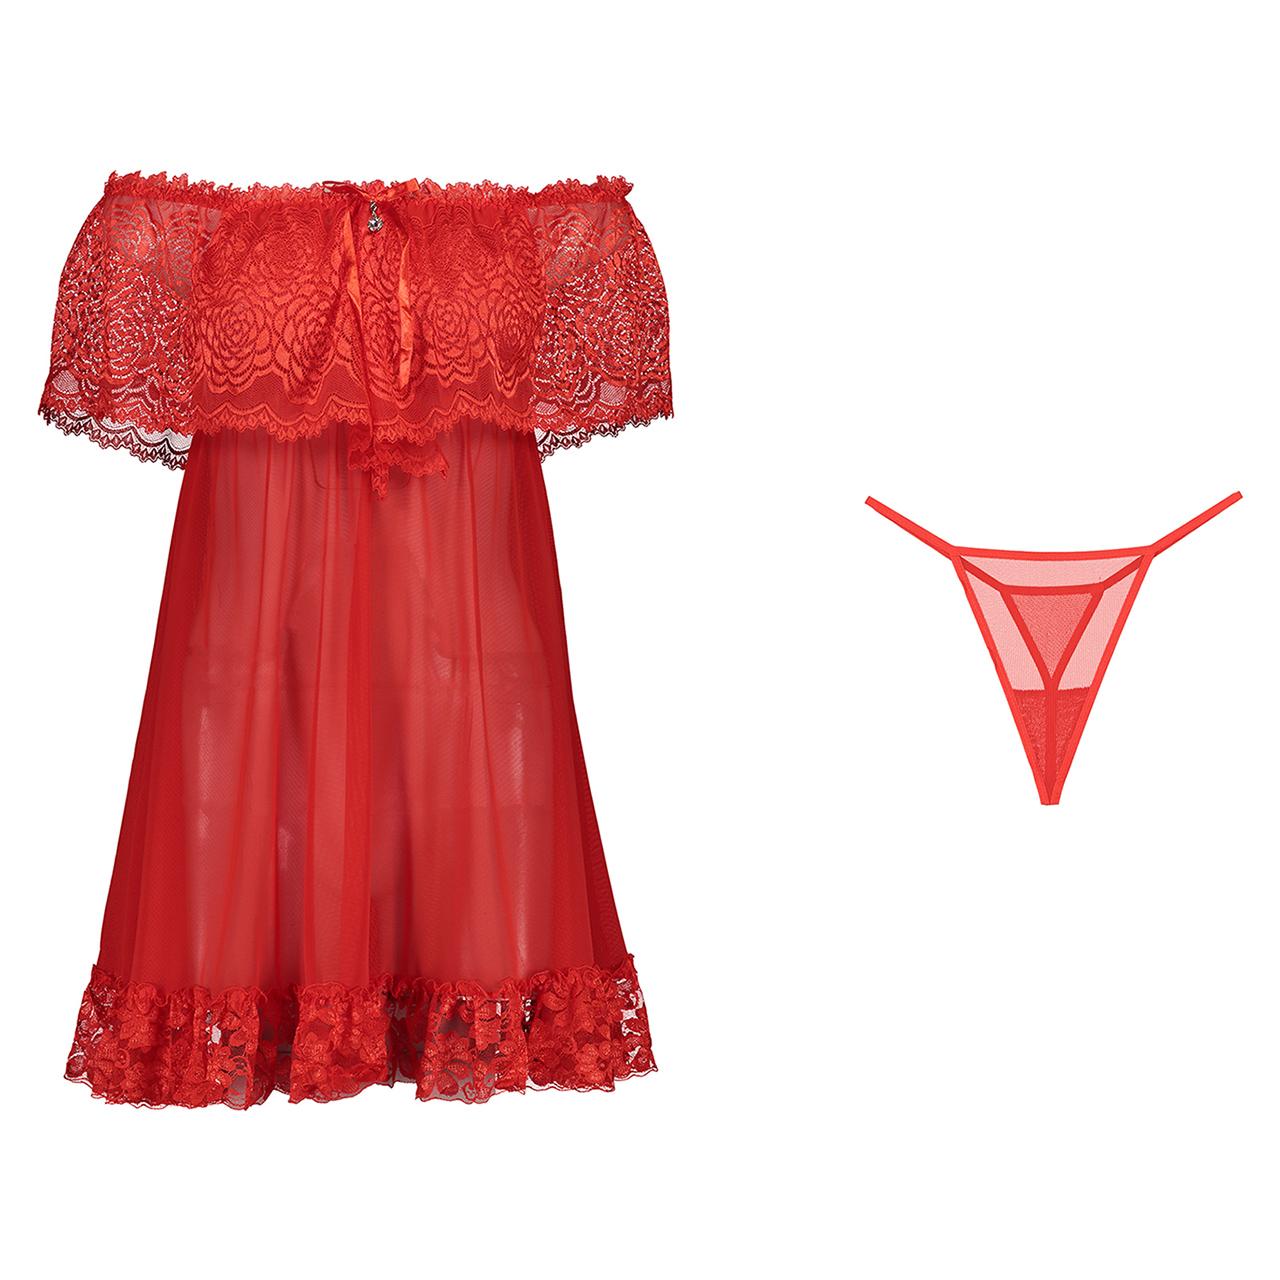 لباس خواب زنانه مدل 1238 R